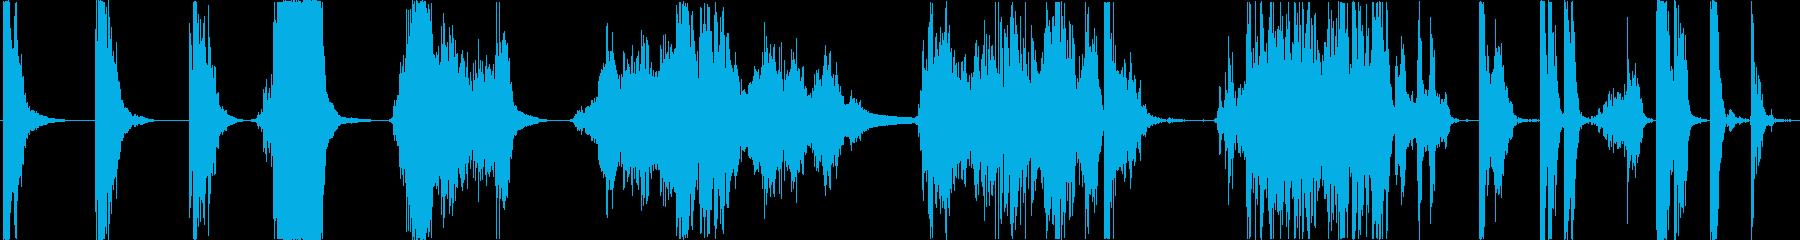 重金属ドロップとドラッグスクラップ...の再生済みの波形